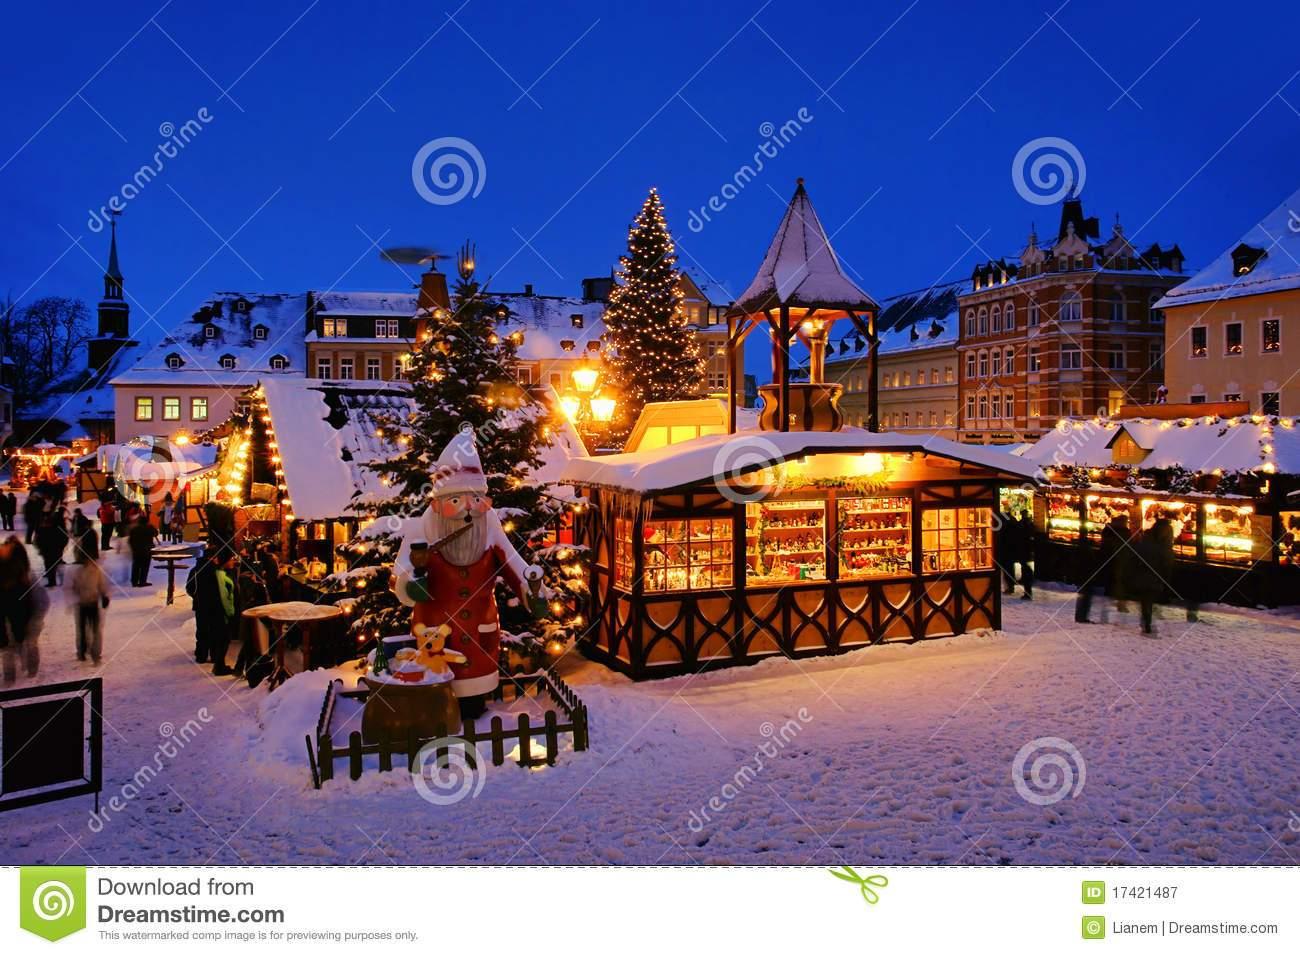 Weihnachtsmarkt clipart kostenlos 3 » Clipart Portal.